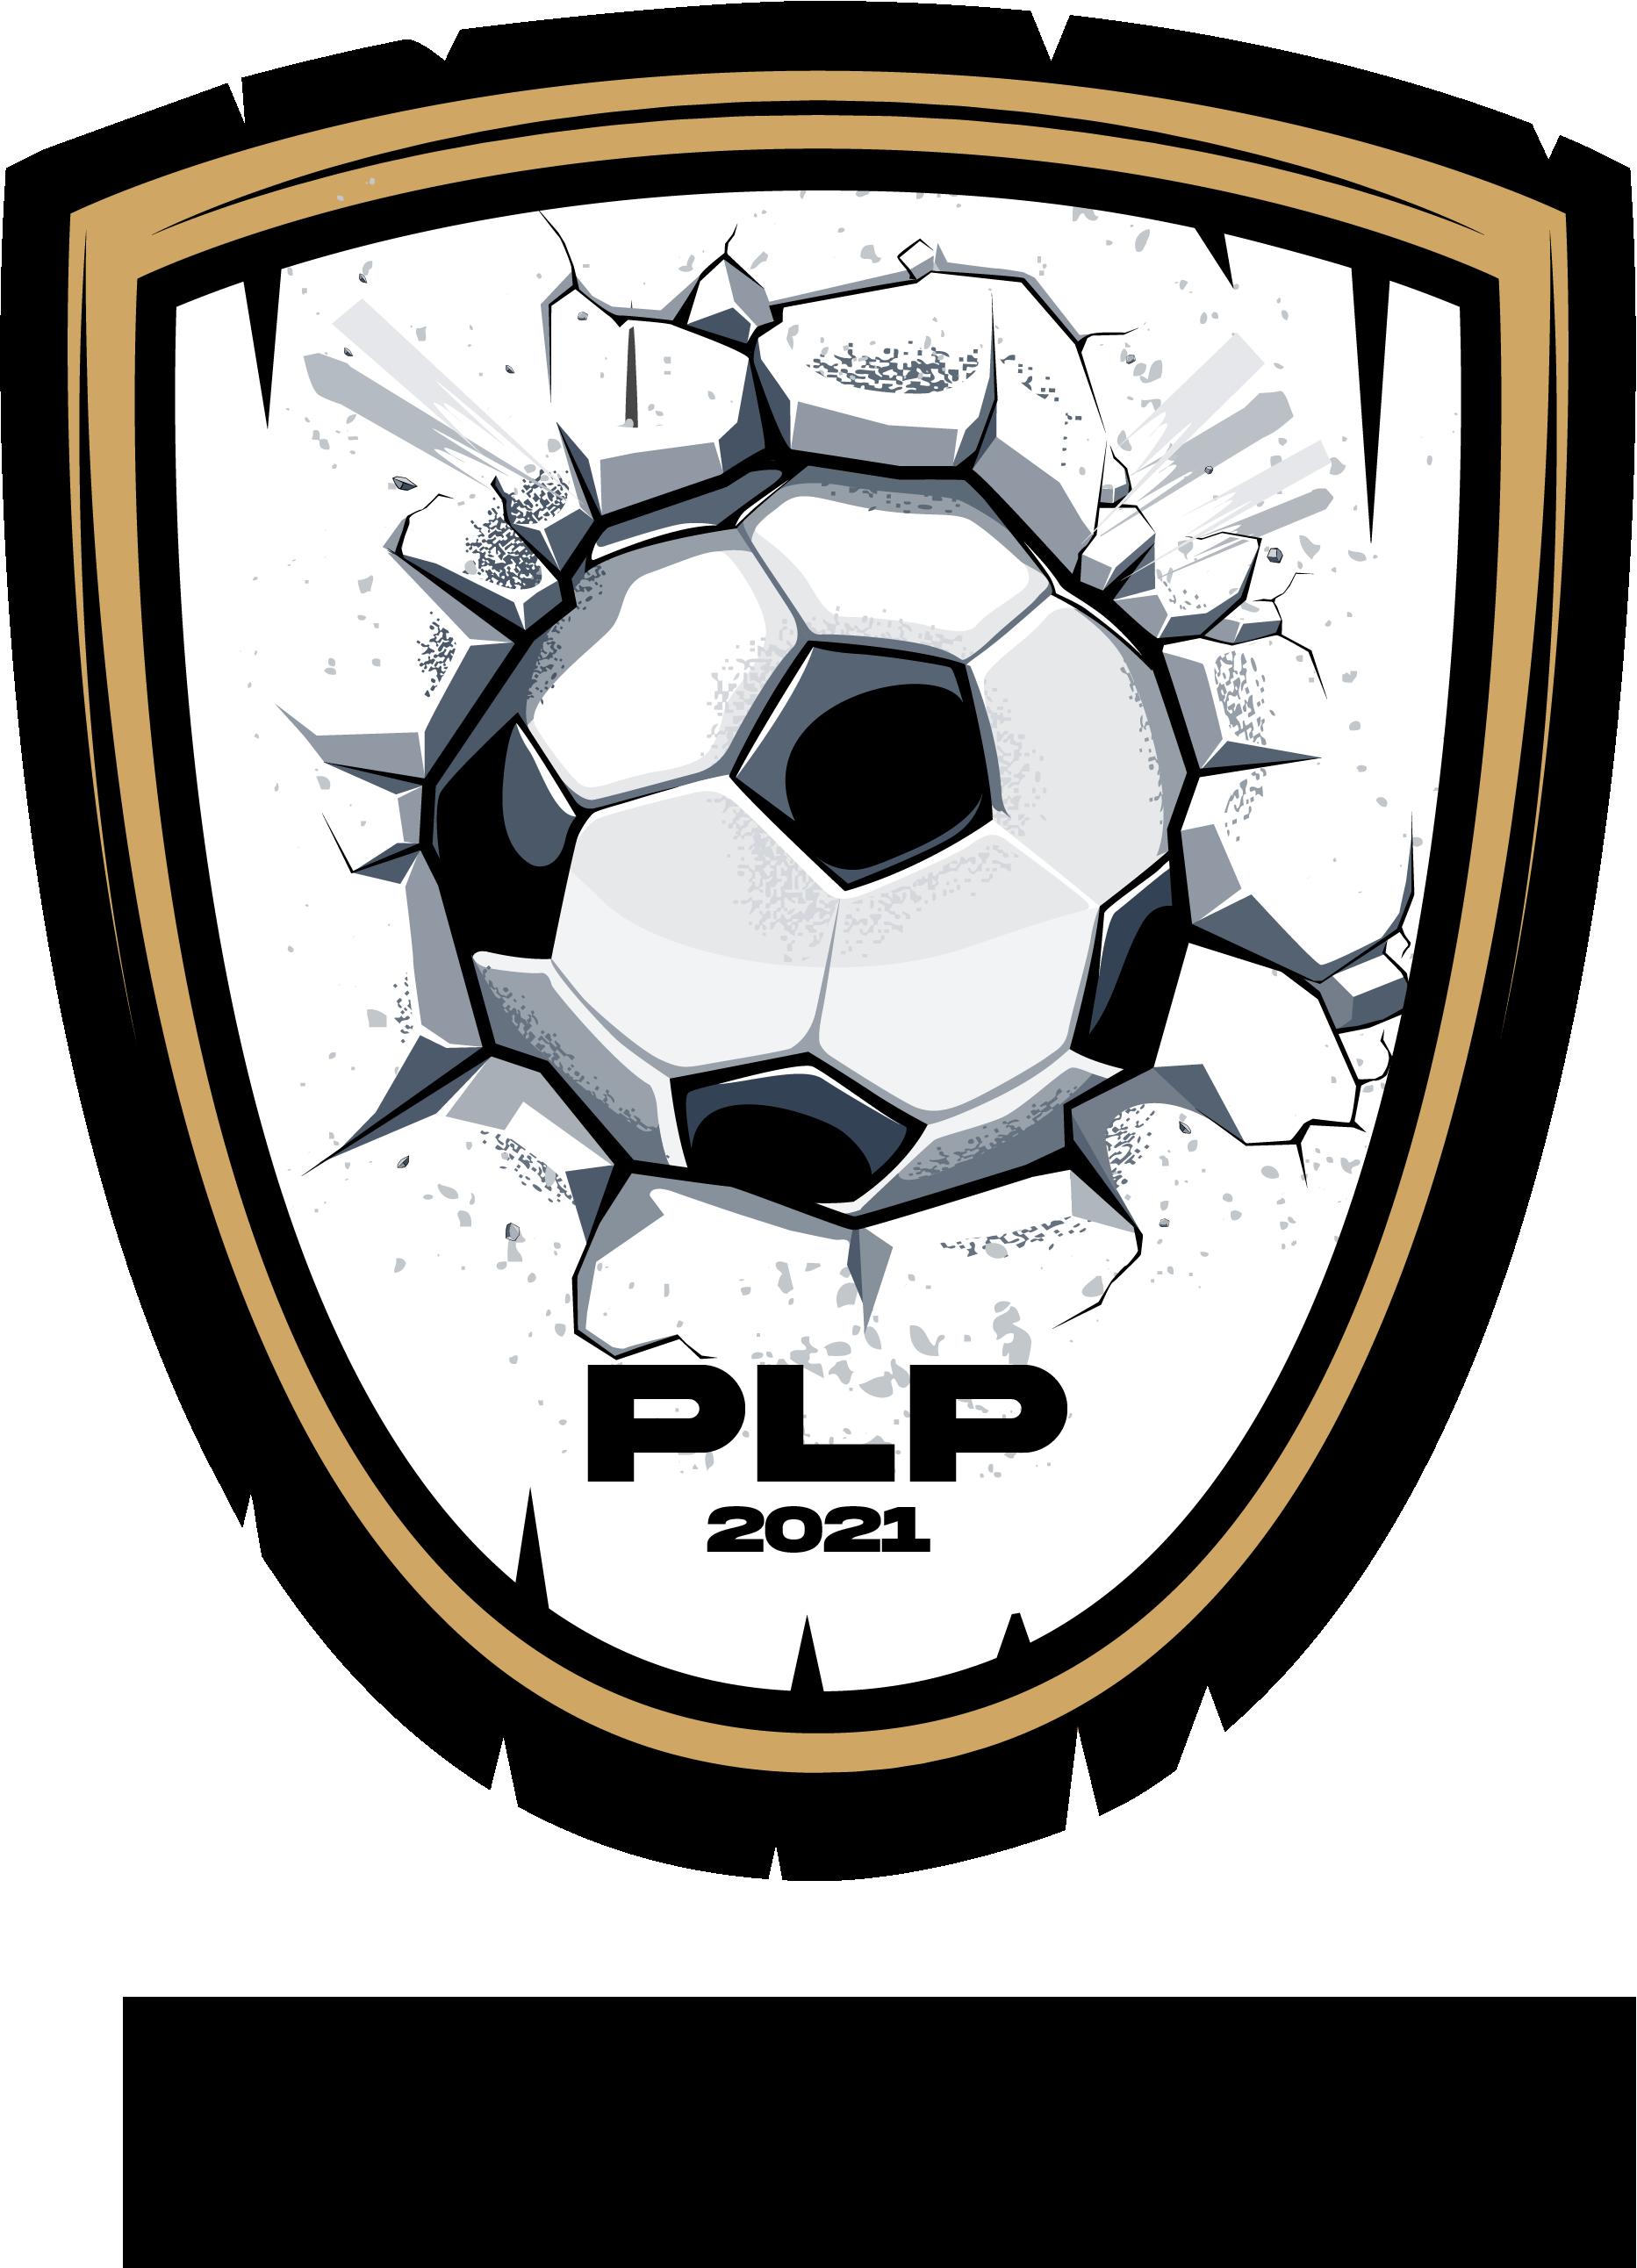 Podlaska Liga Piłkarska